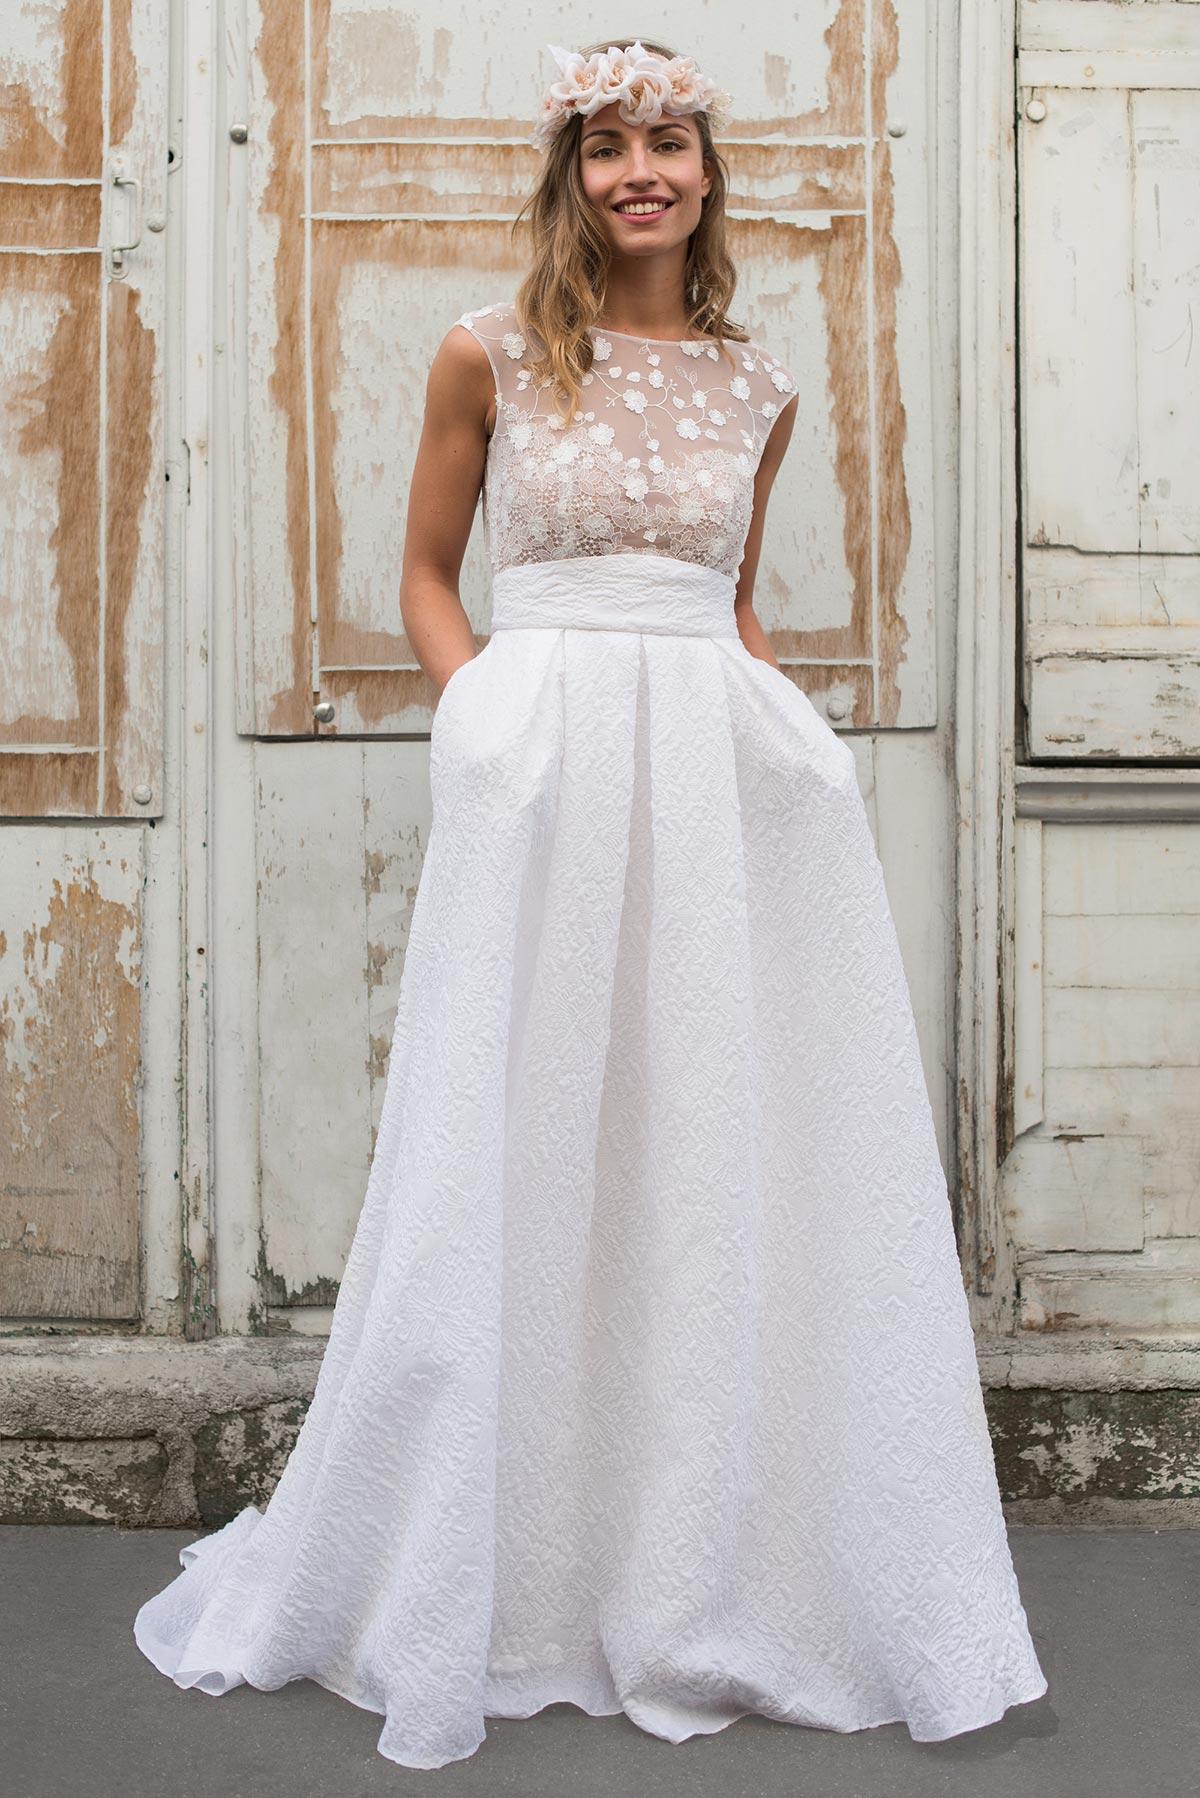 [PORTRAIT] Marie Laporte • Créatrice de robes de mariée audacieuse depuis plus de 15 ans...